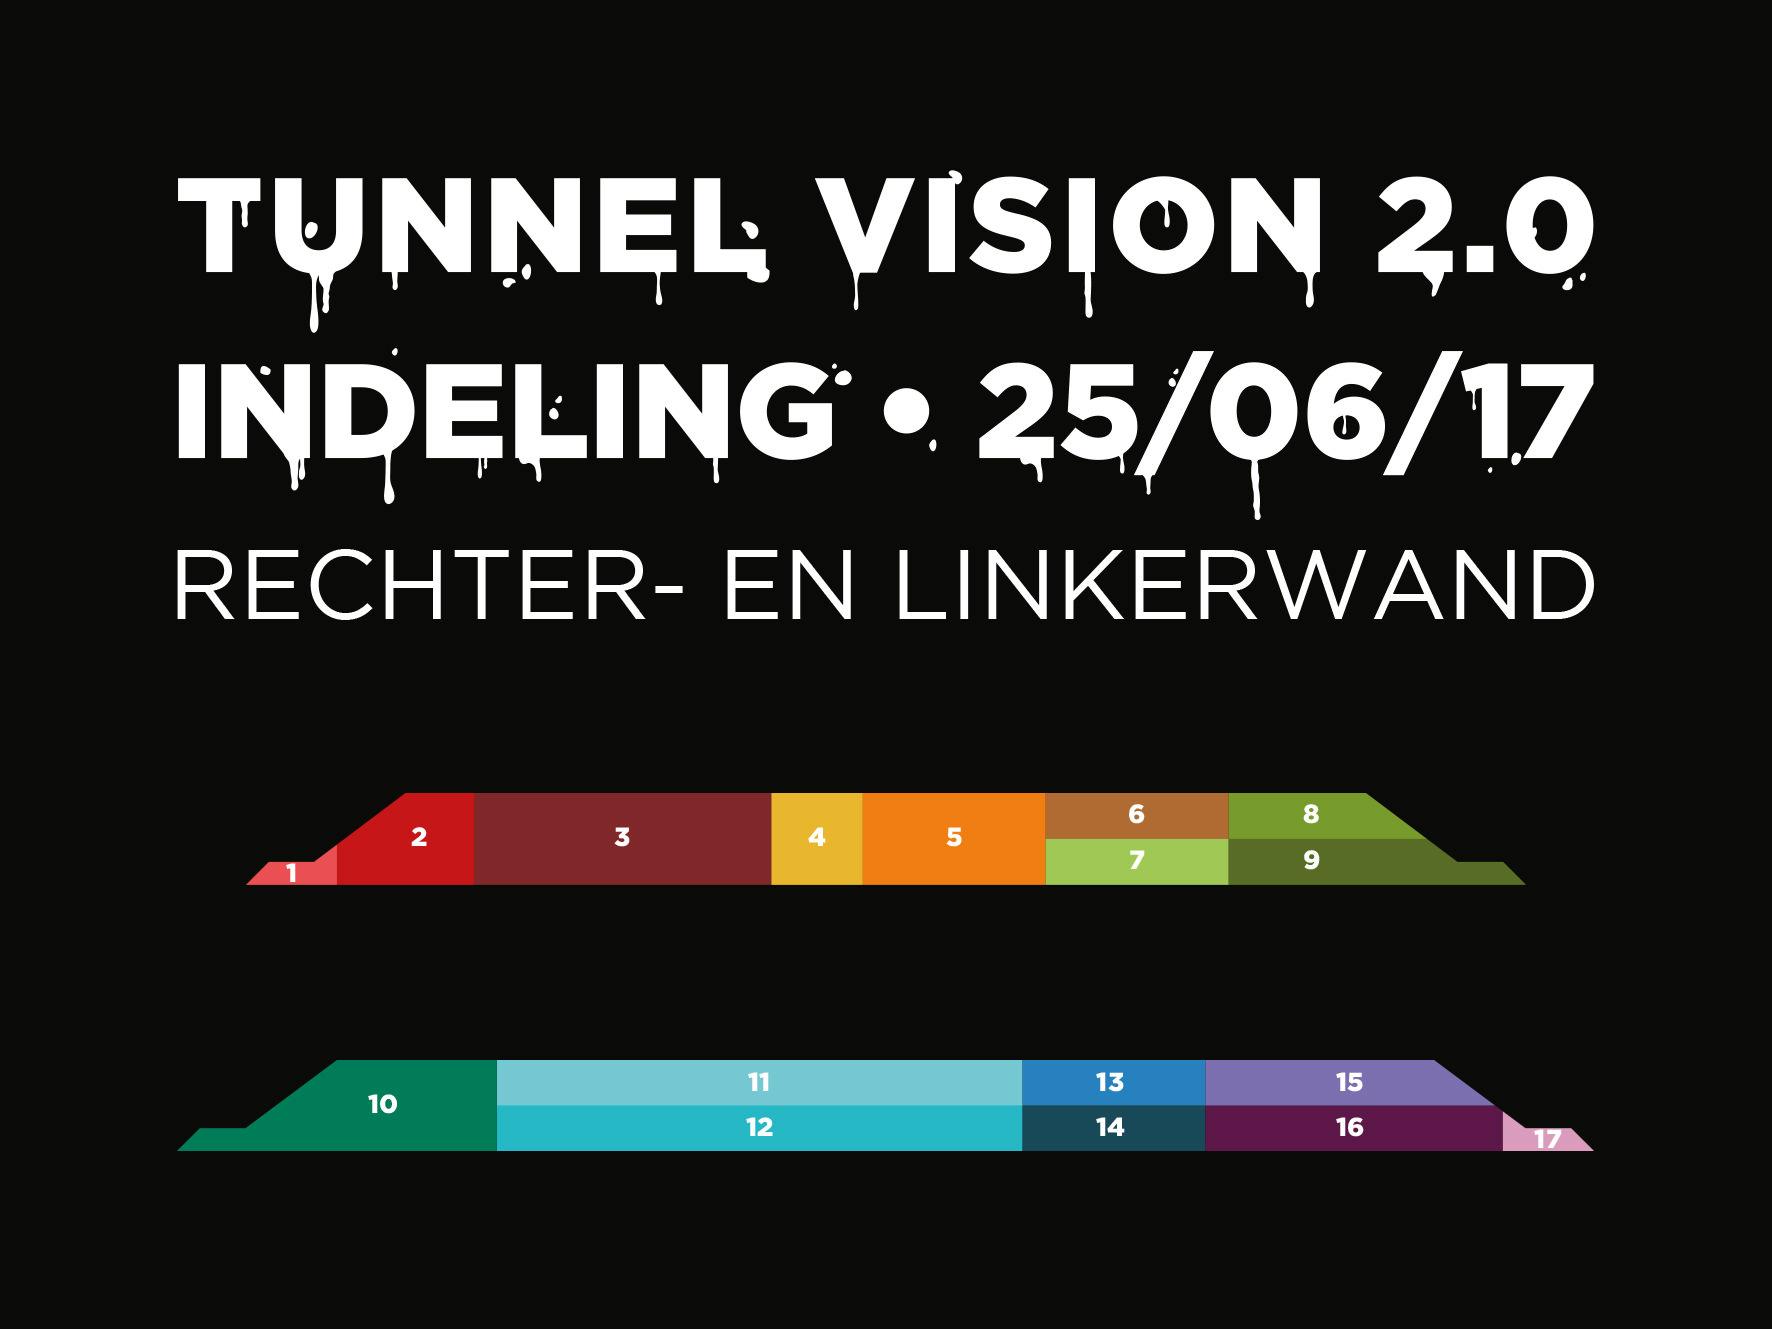 Indeling Tunnel Vision 2.0